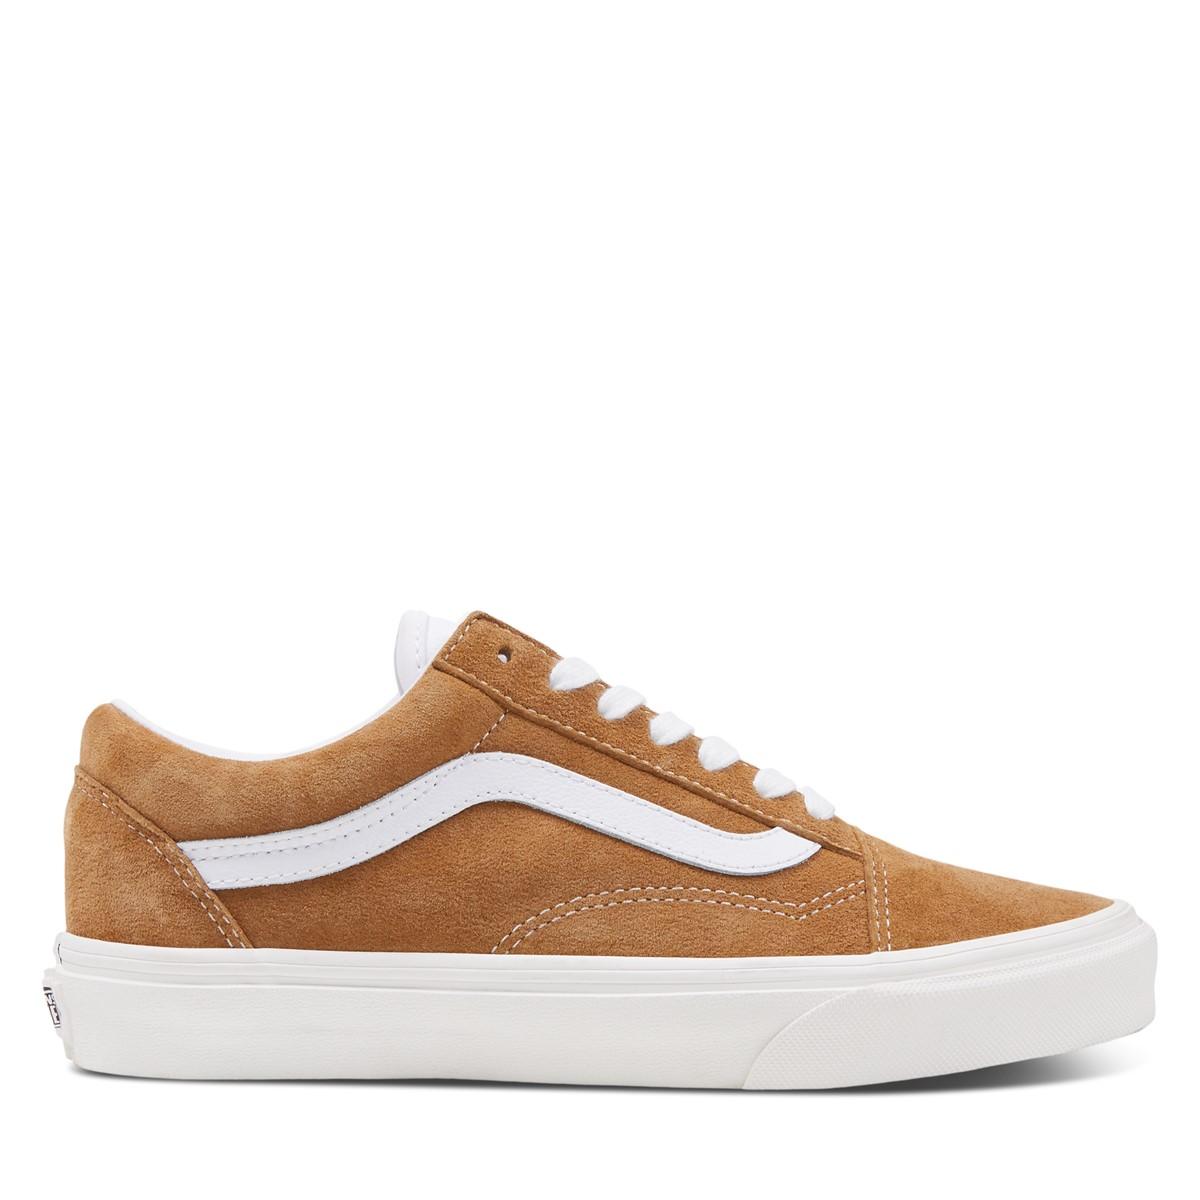 Women's Old Skool Sneakers in Brown